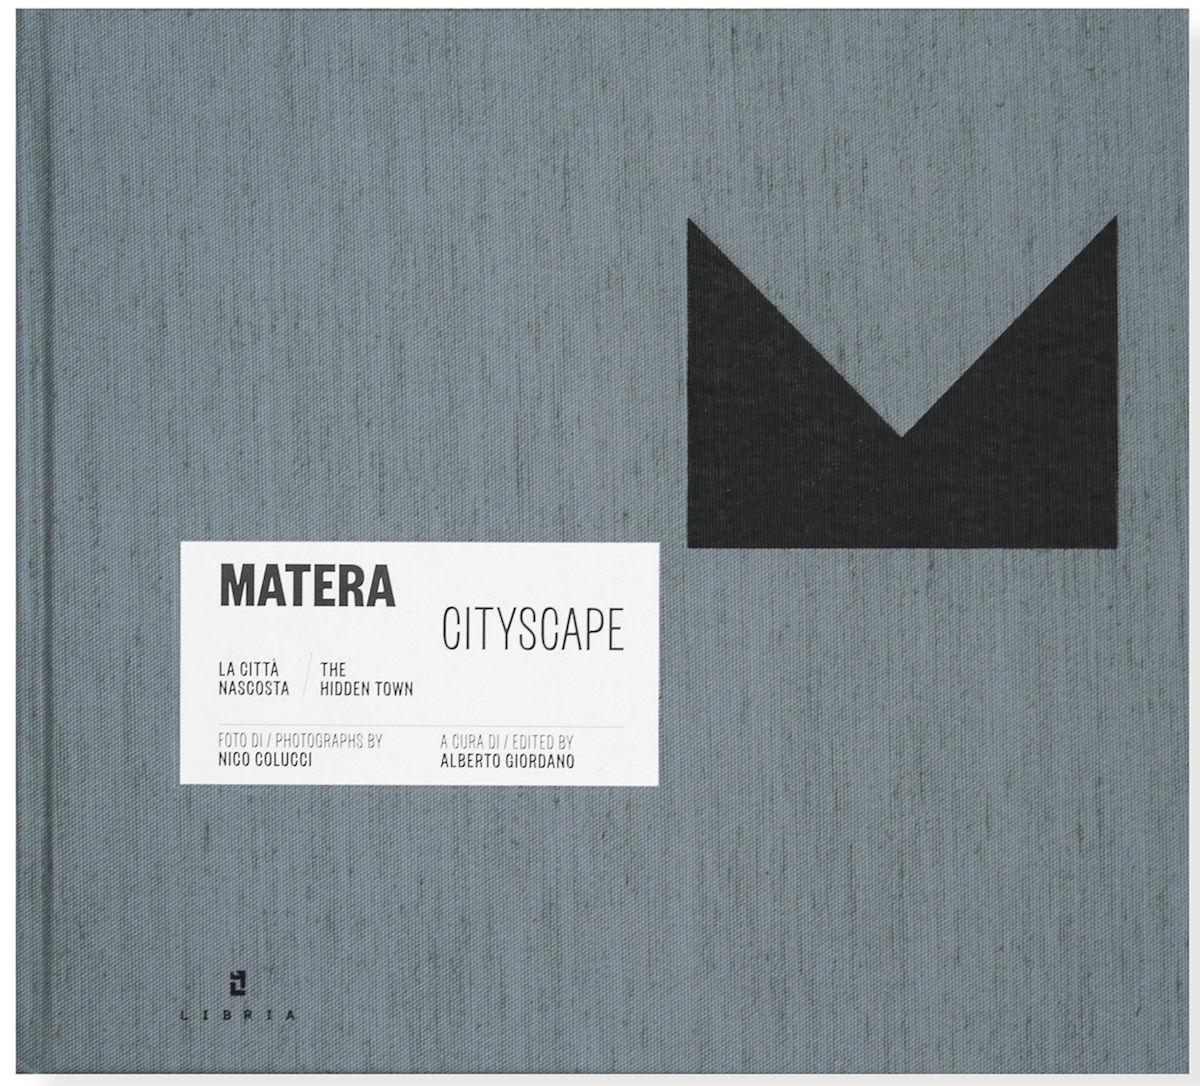 MATERA_CITYSCAPE